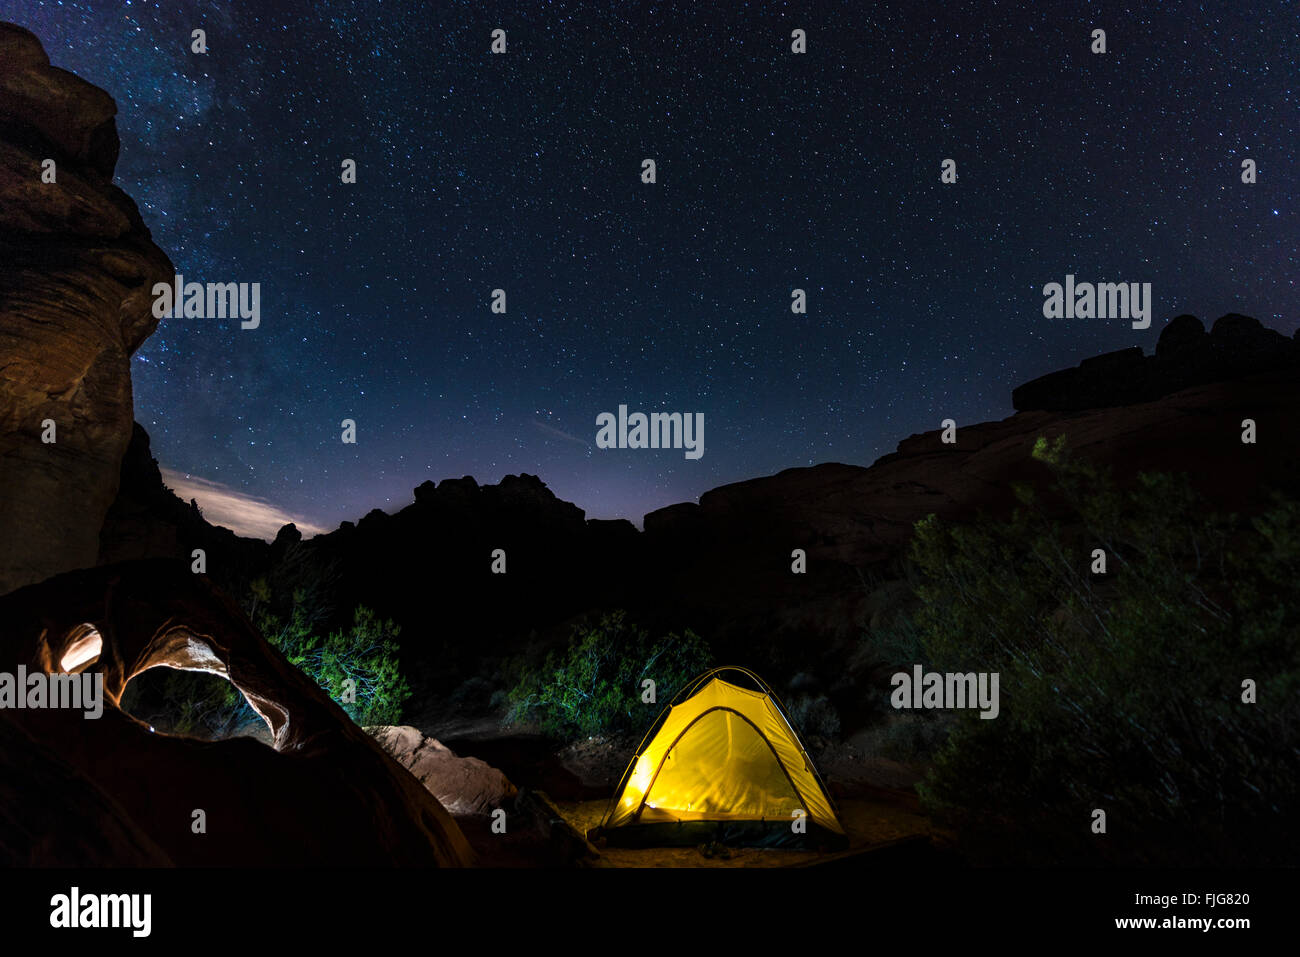 Tente sur un camping avec un ciel étoilé au-dessus, scène de nuit, camping de Wildrose, Death Valley Photo Stock